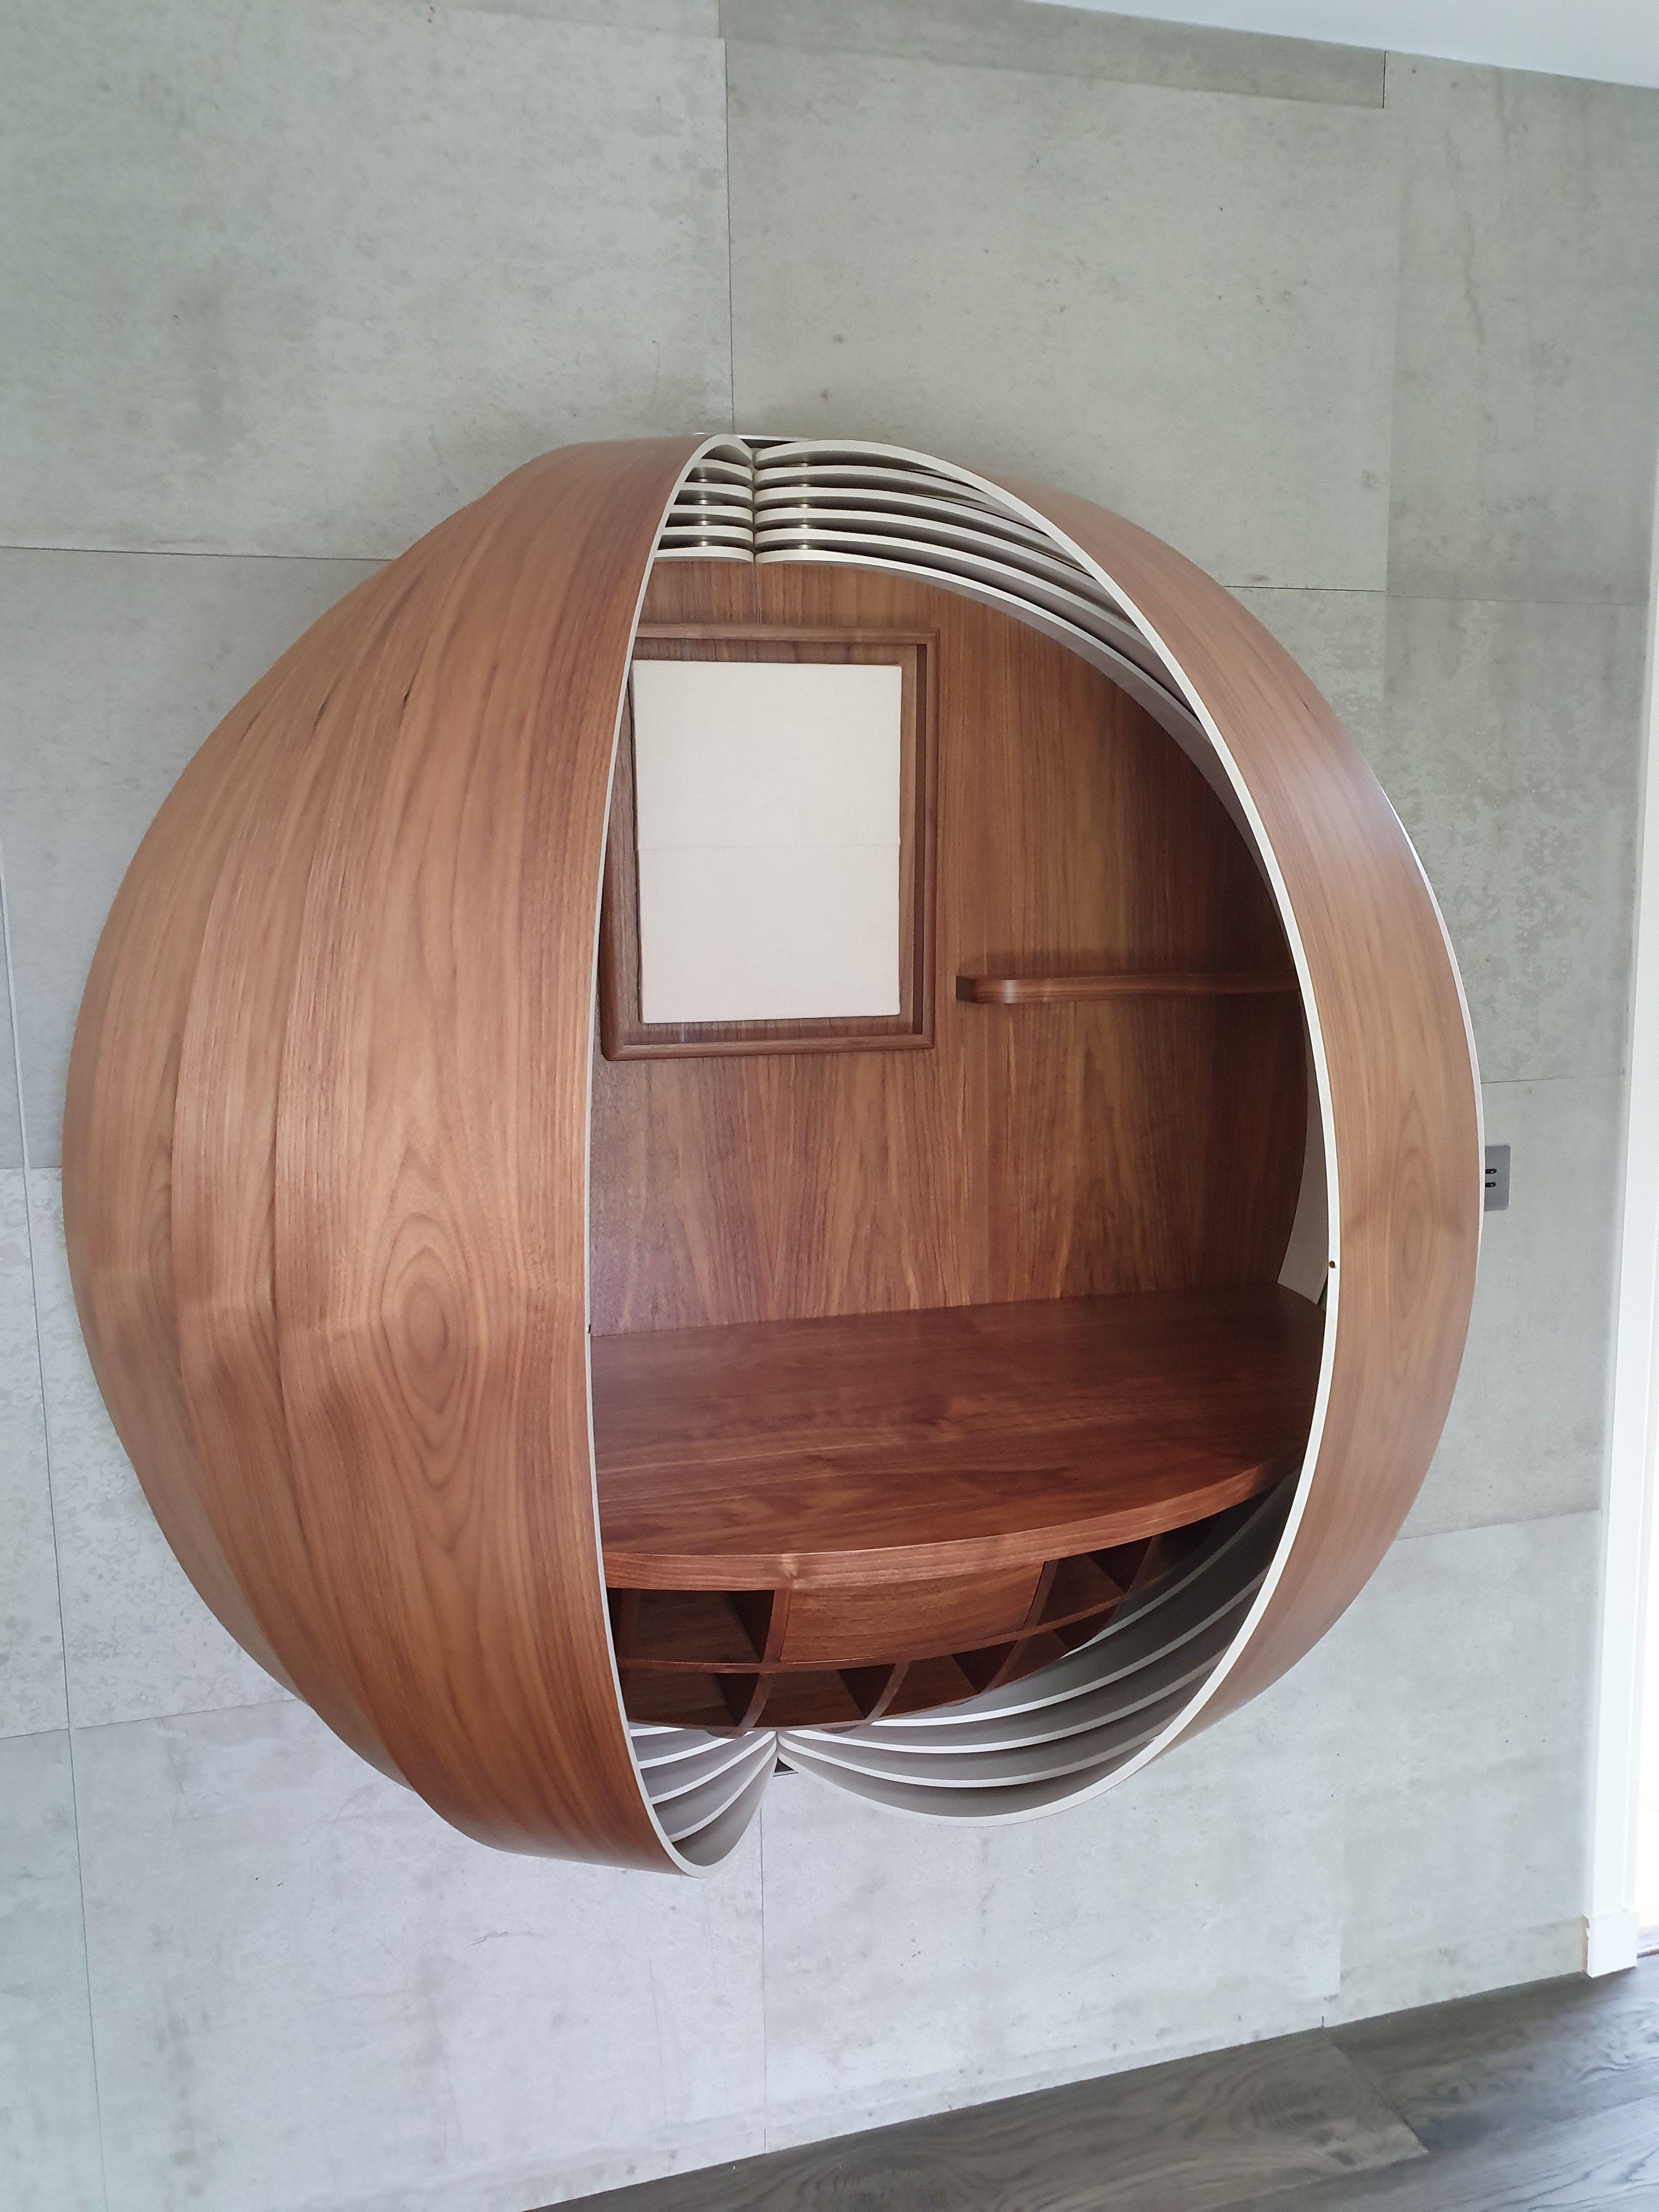 Bespoke wall-mounted desk in walnut by Splinterworks.